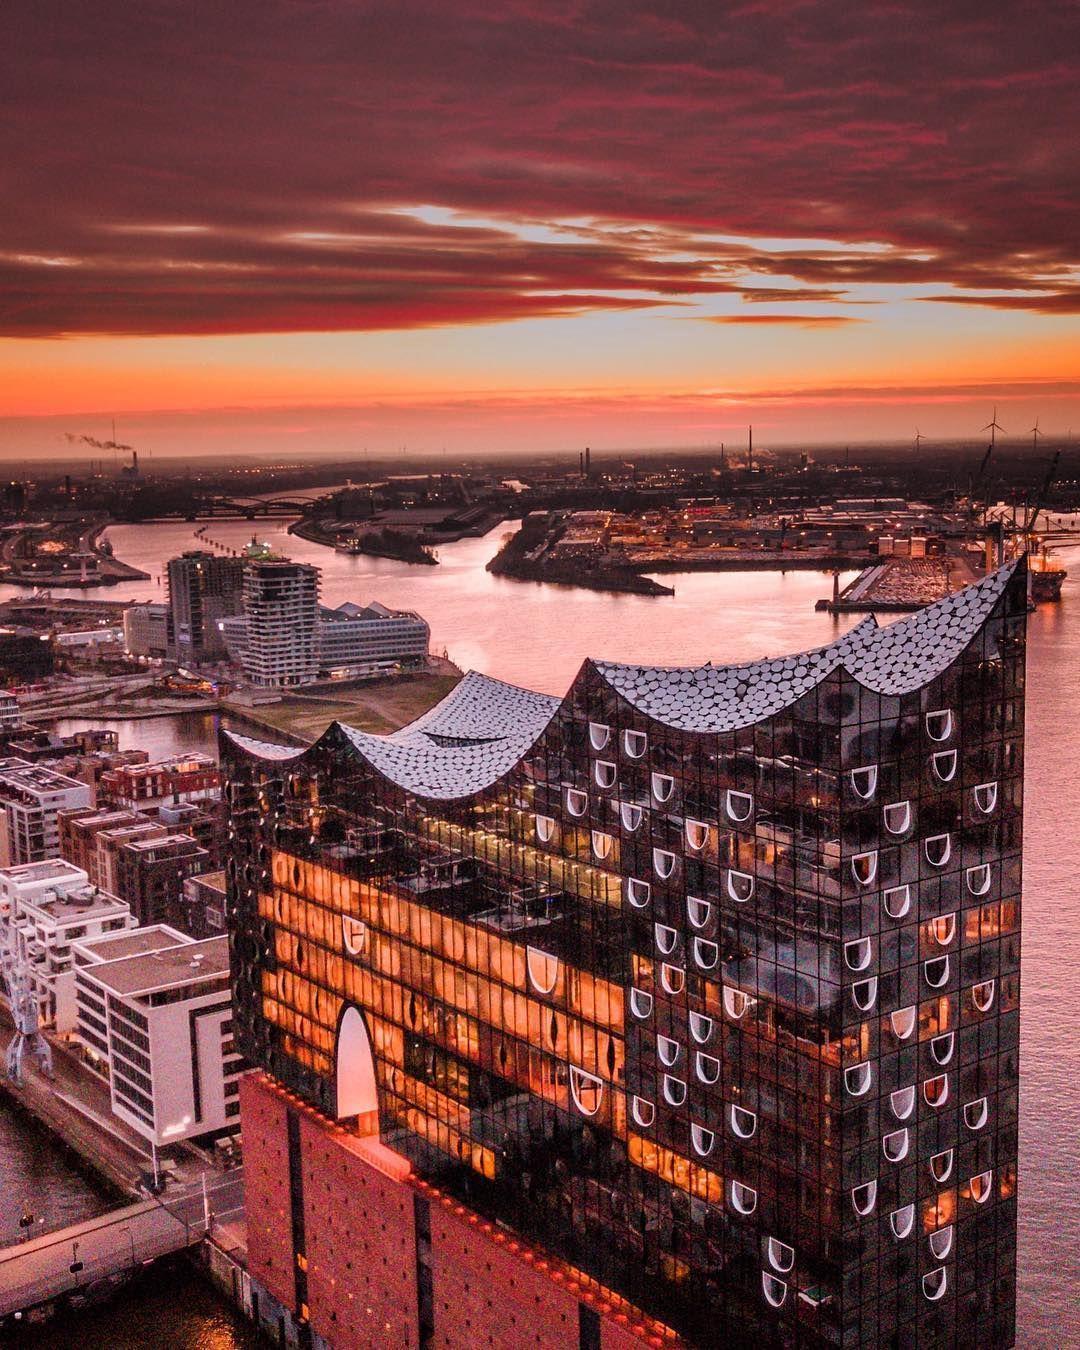 Pic By Ufukd 86 F I R E C U R V E S Elbphilharmonie Architecture Hafencity Speicherstadt Hamburg Germany Zollkanal Elbe